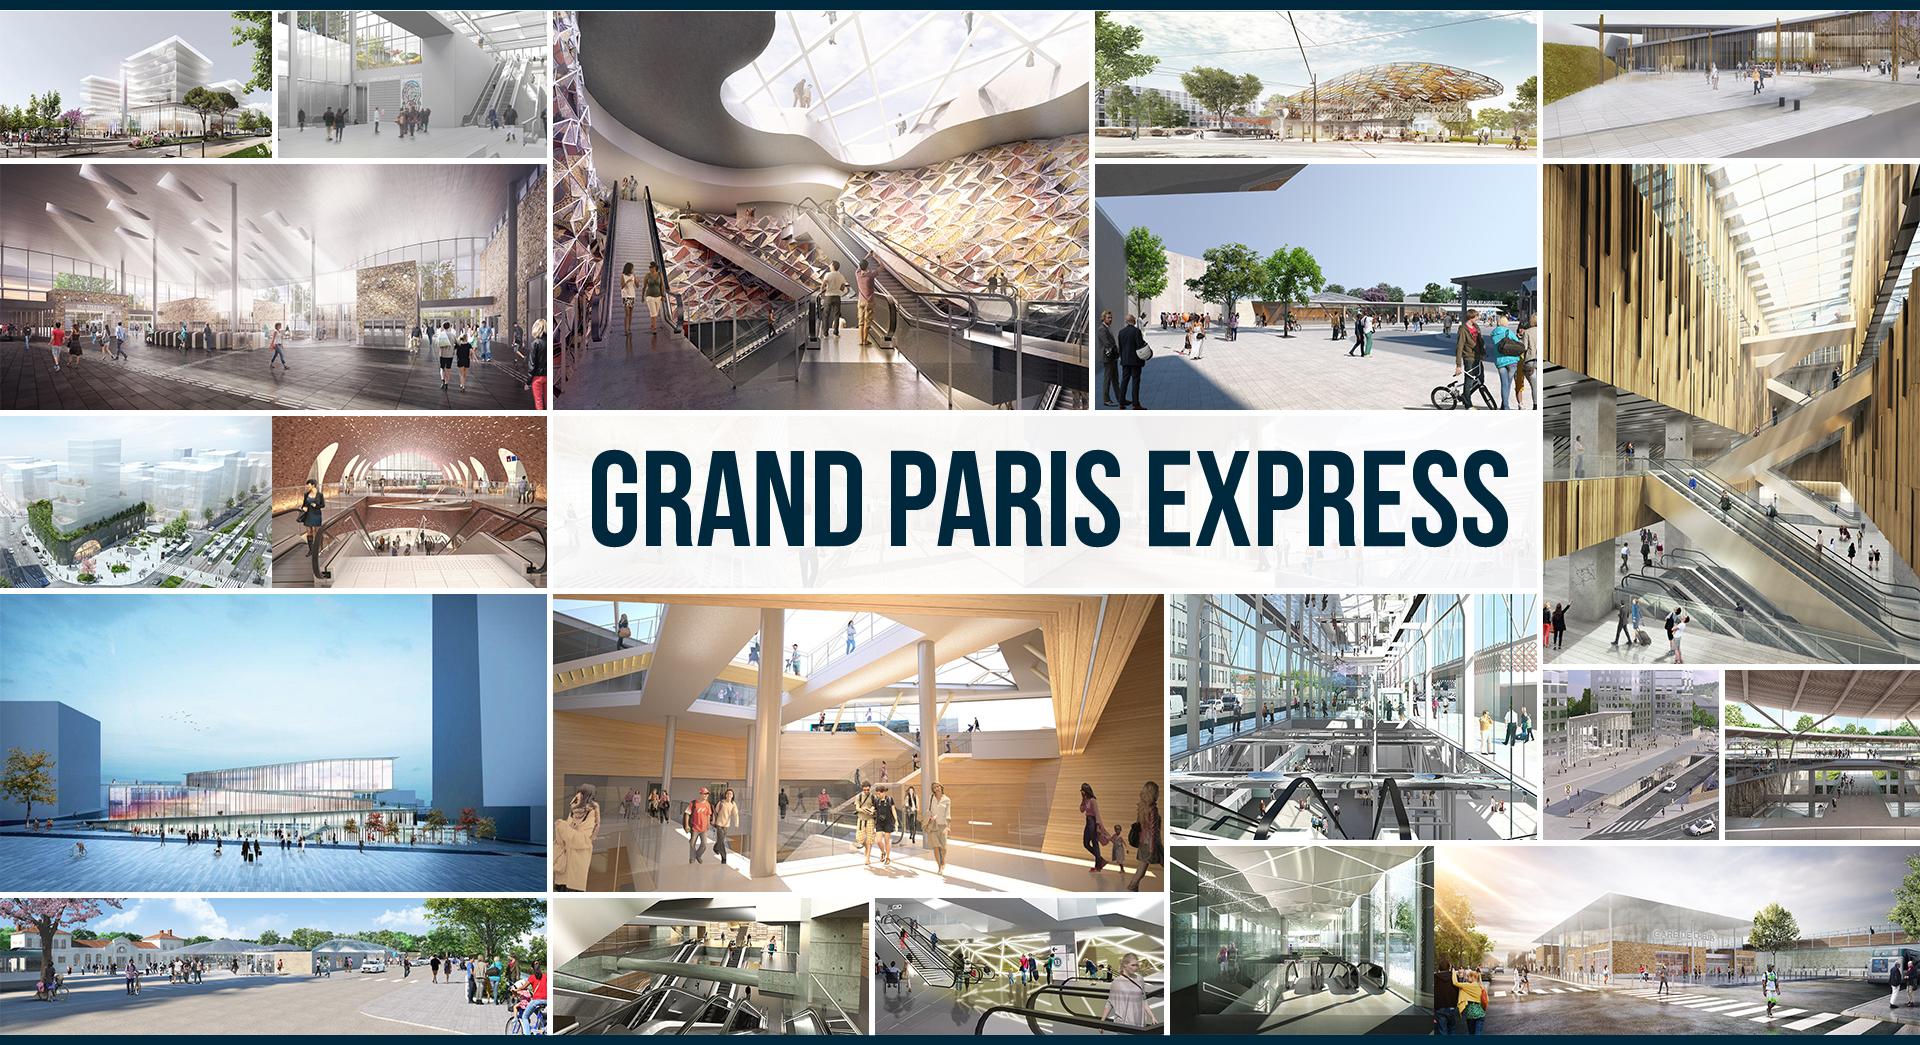 Grand Paris Express : le futur réseau le plus important d'Europe selon Jean-Marc Nicolle